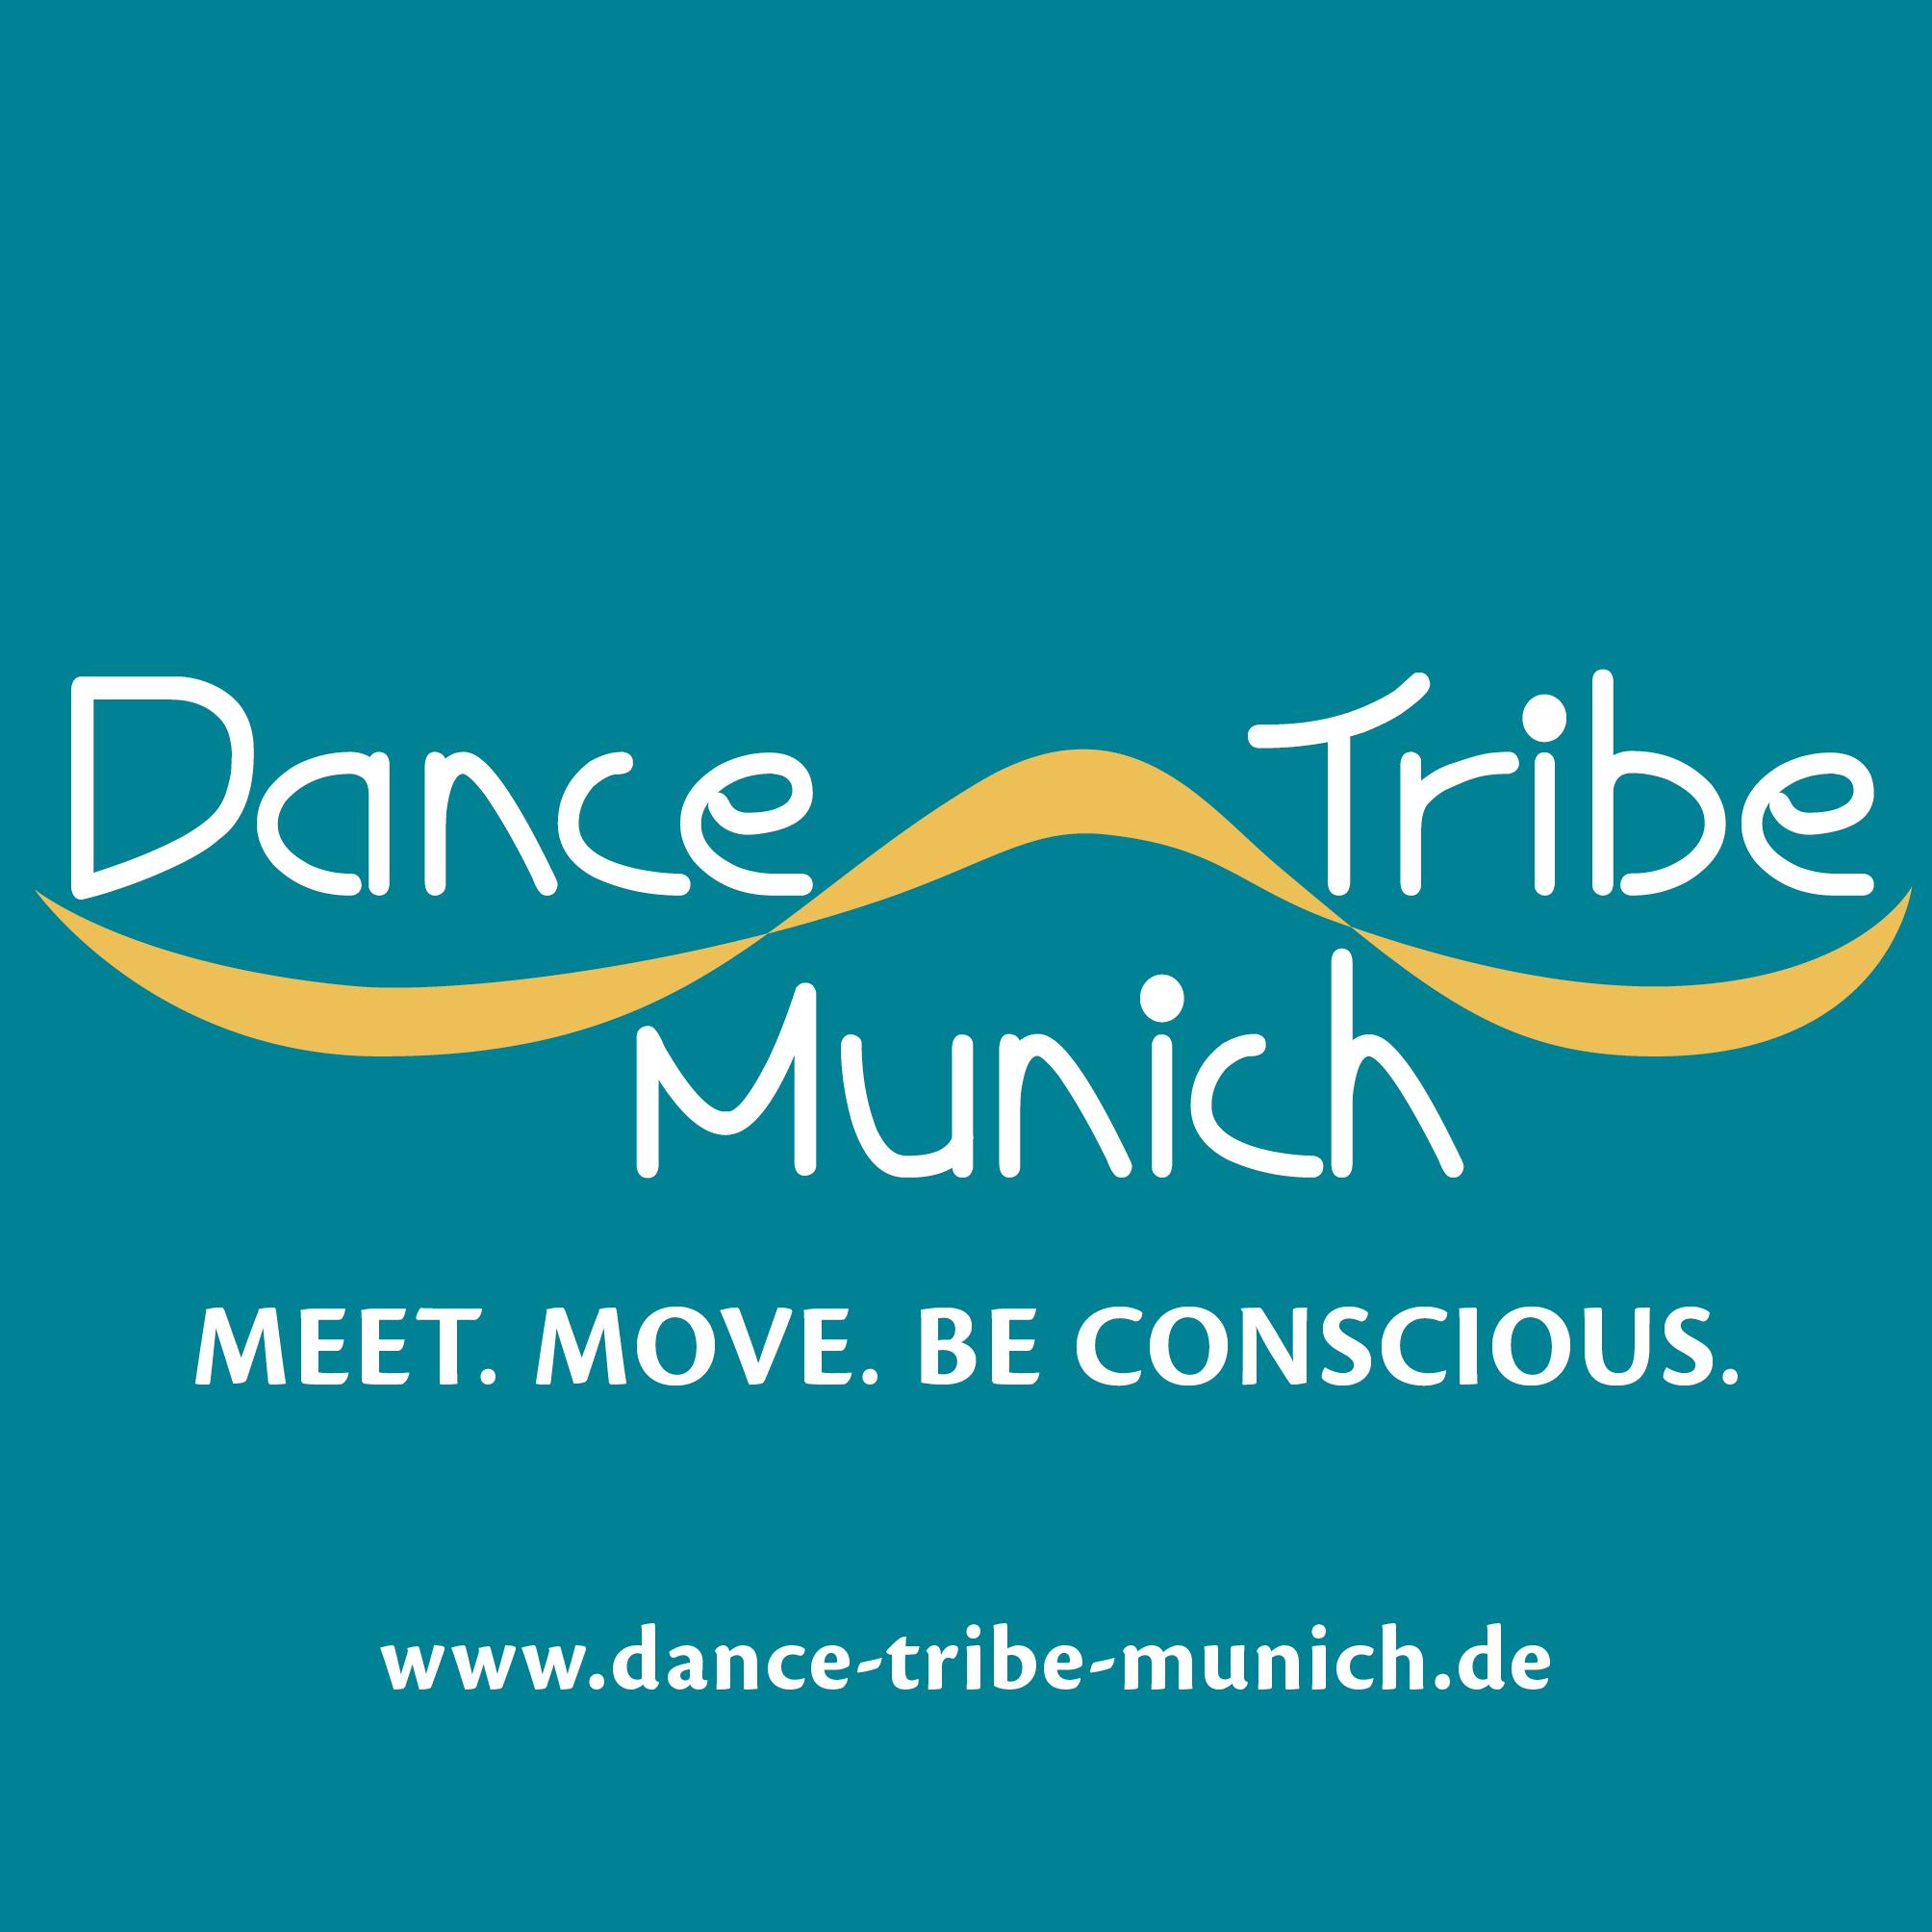 Dance Tribe Munich e.V. - Meet. Move. Be Conscisous.